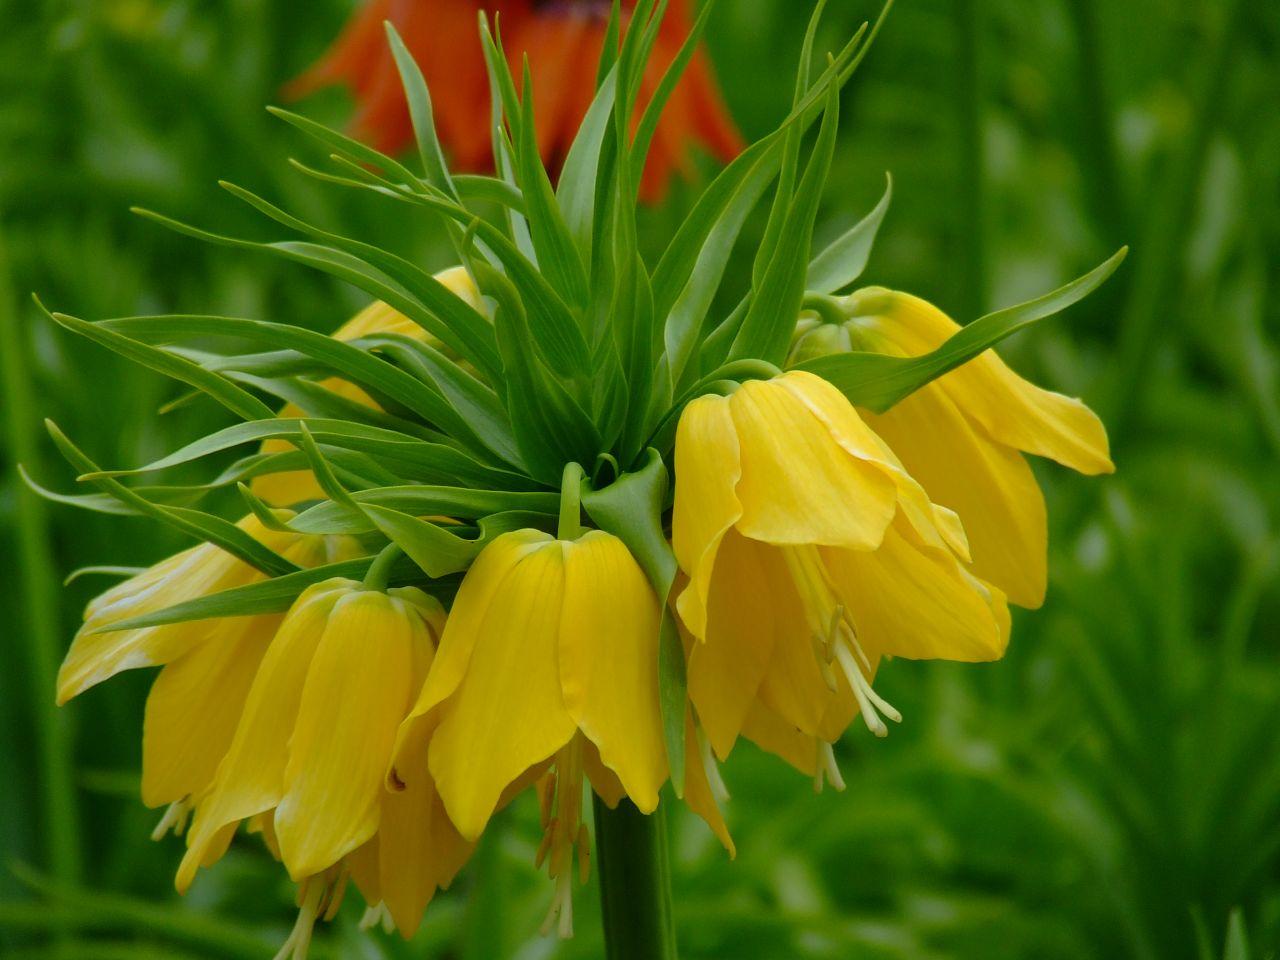 Fritillaria imperialis 'Maxima Lutea' av Elfleda, på Flickr